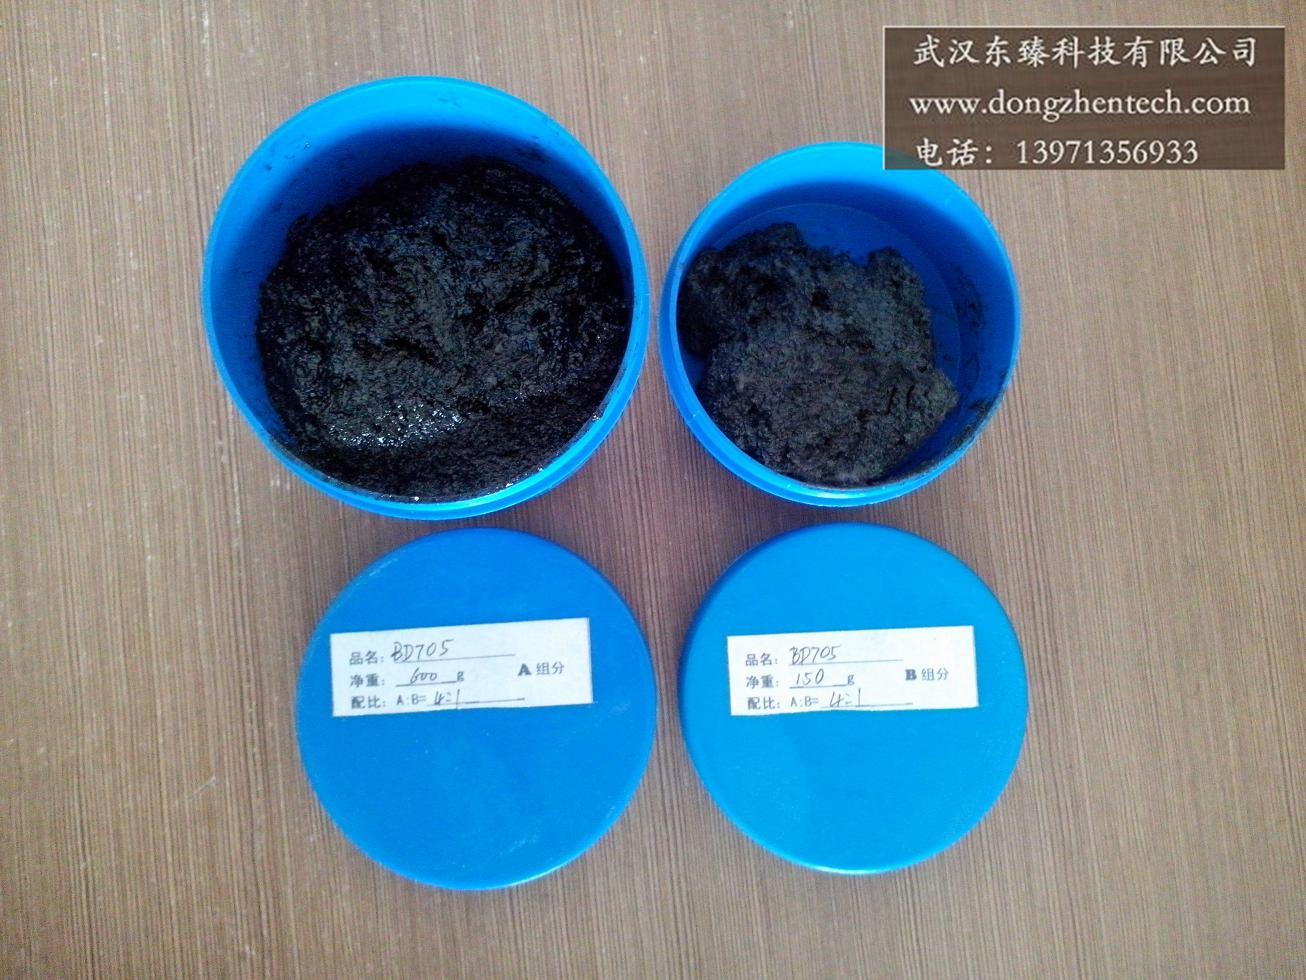 耐磨涂层、耐磨涂料、耐磨胶泥、耐磨陶瓷胶泥